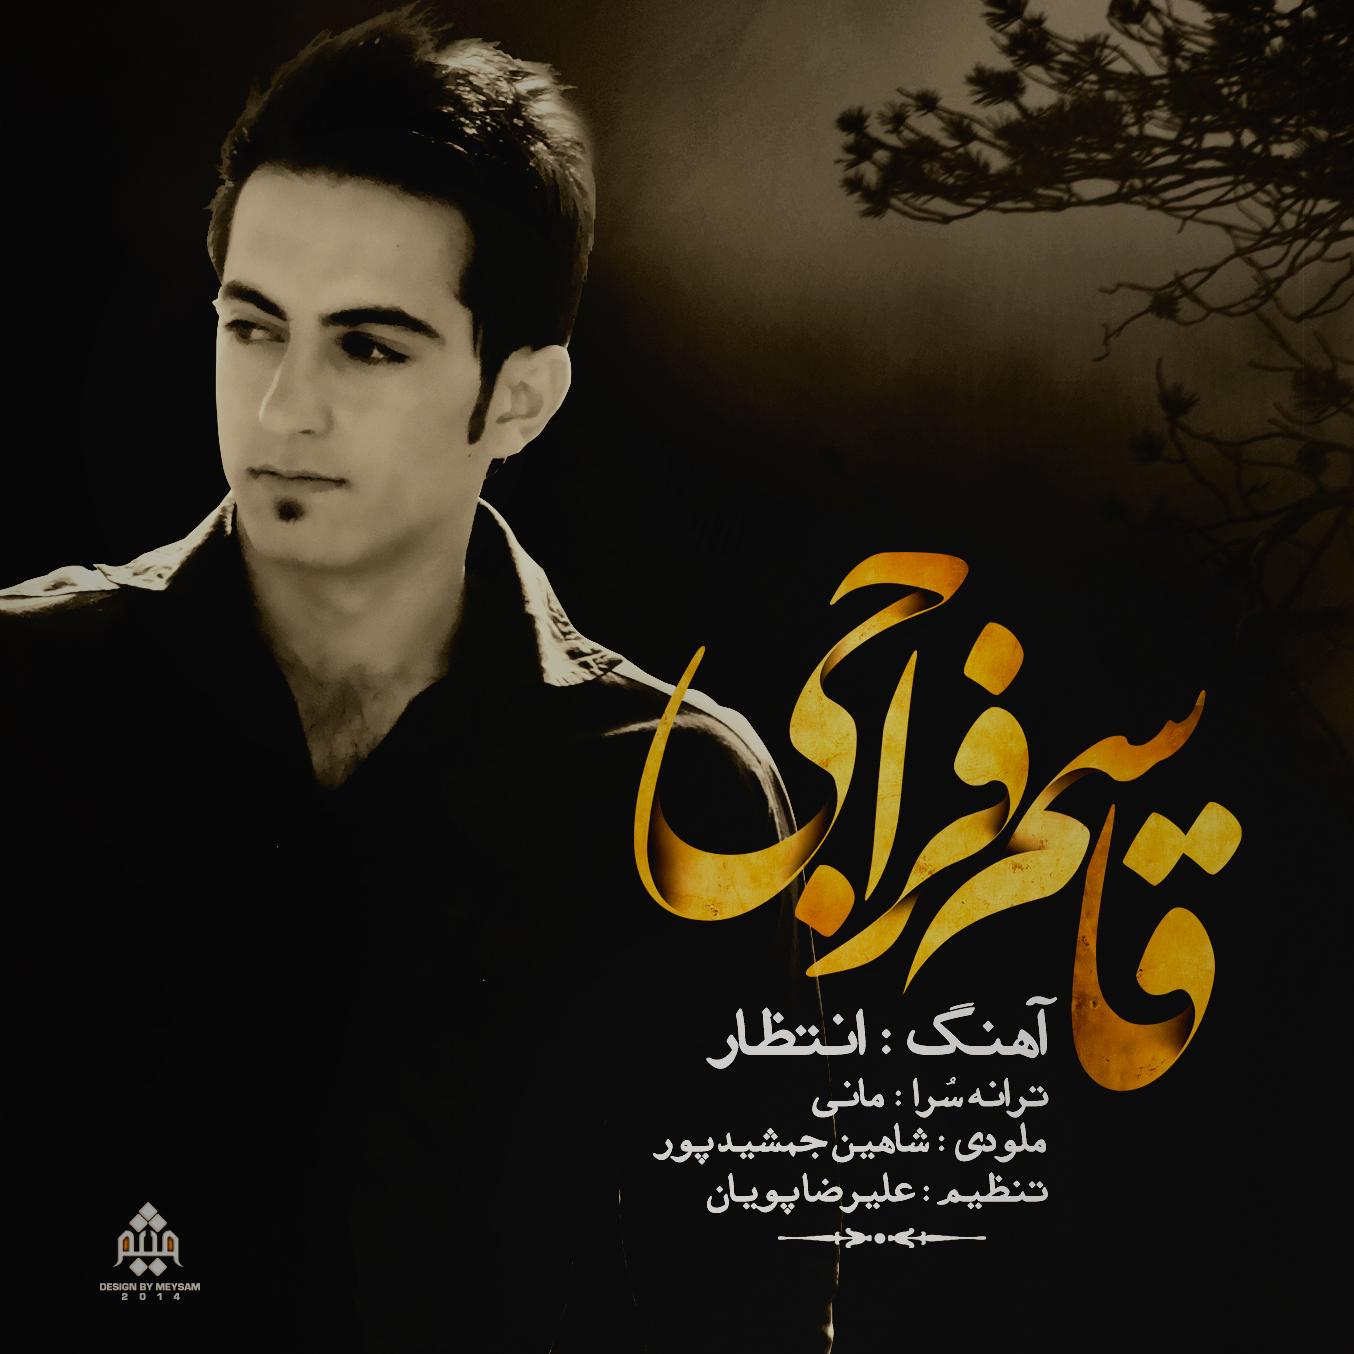 Ghasem Faraaji – Entezar